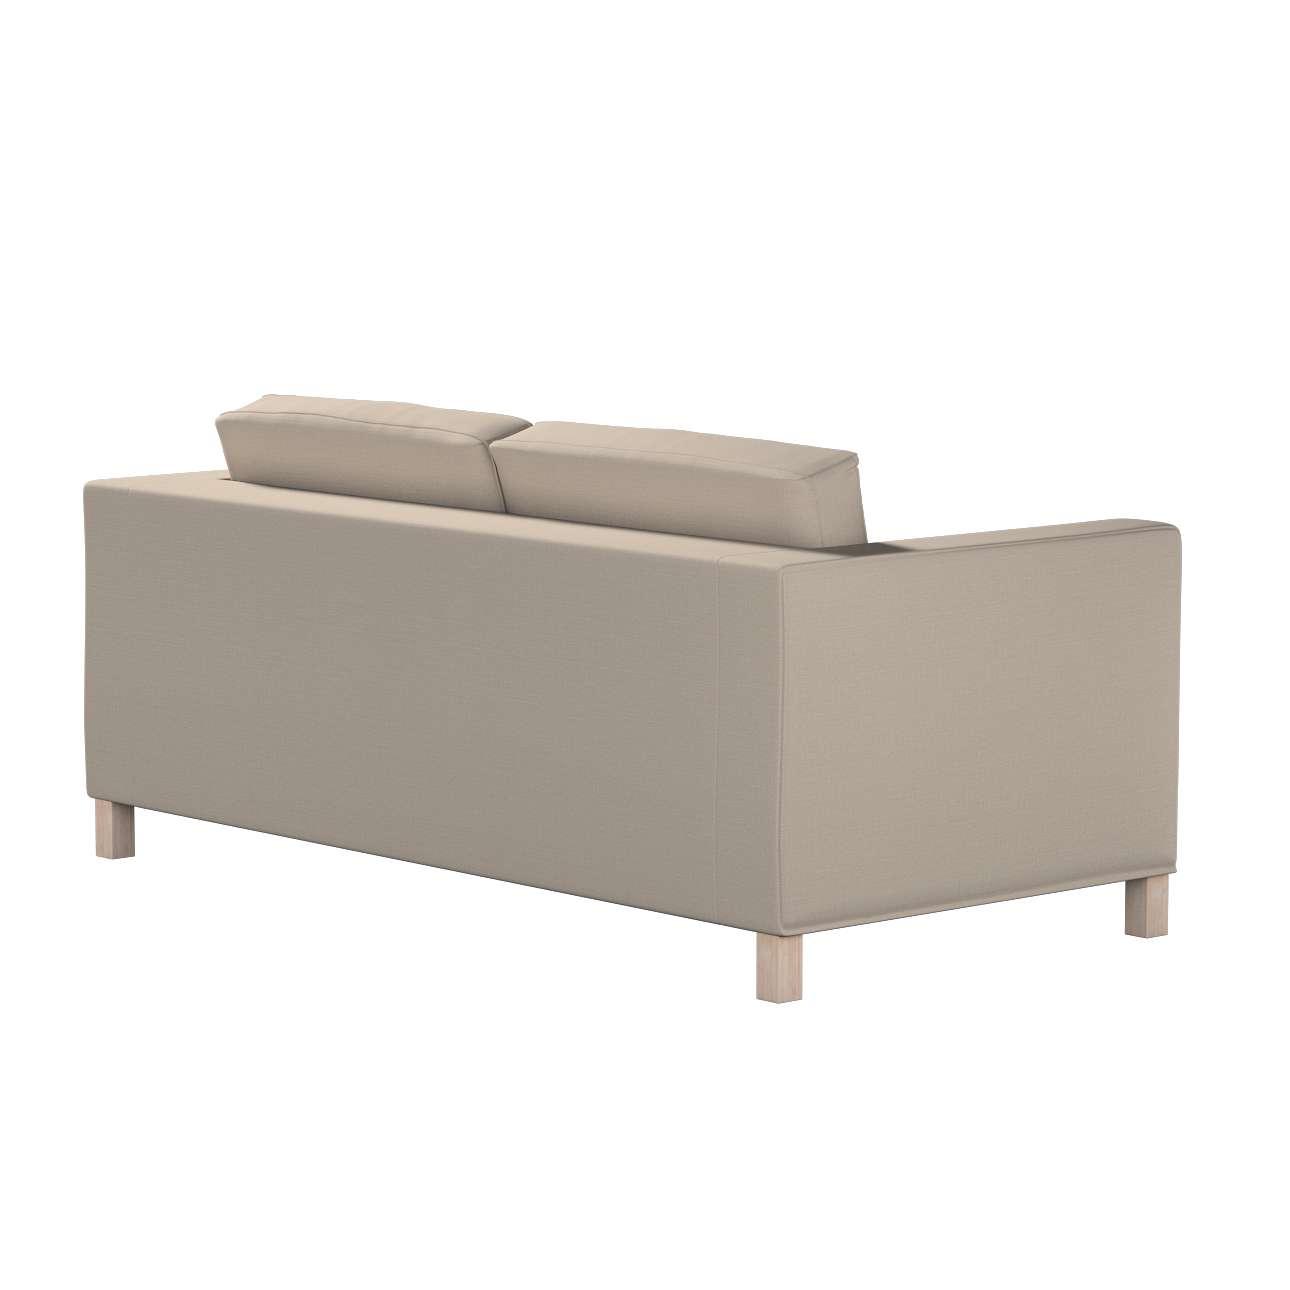 Pokrowiec na sofę Karlanda rozkładaną, krótki w kolekcji Living, tkanina: 161-53